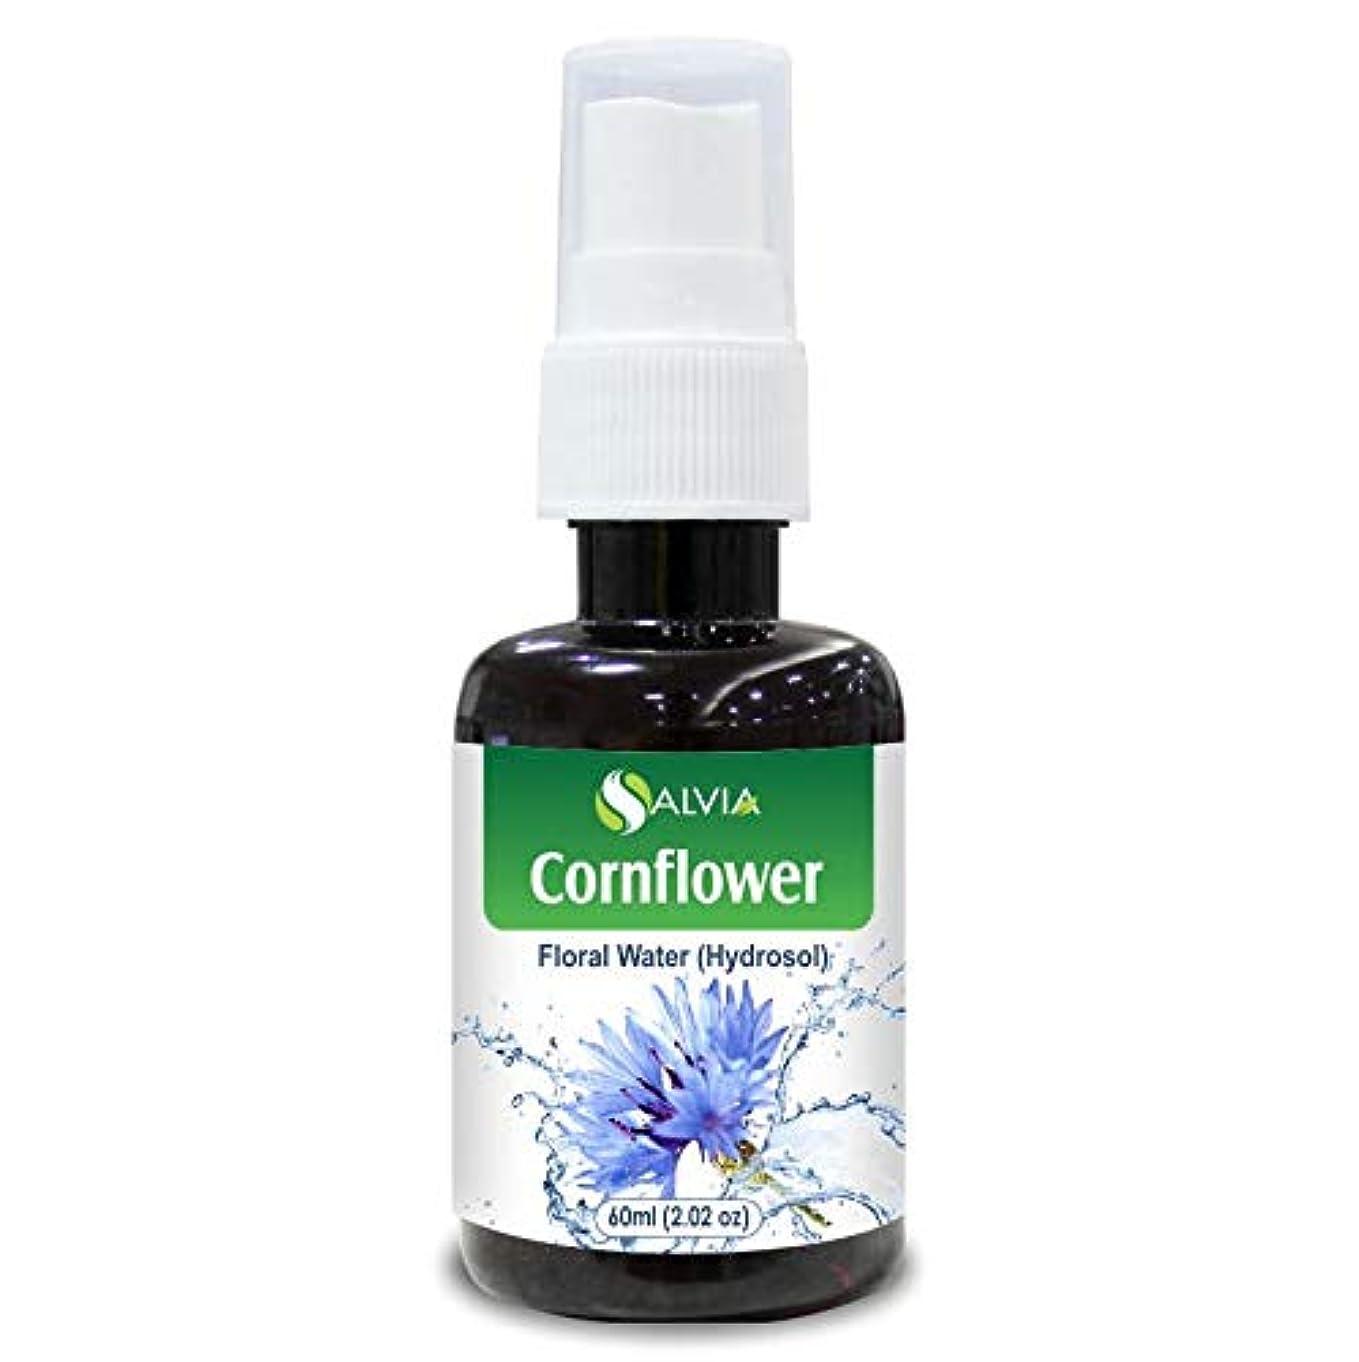 過激派キッチン条約Cornflower Floral Water 60ml (Hydrosol) 100% Pure And Natural